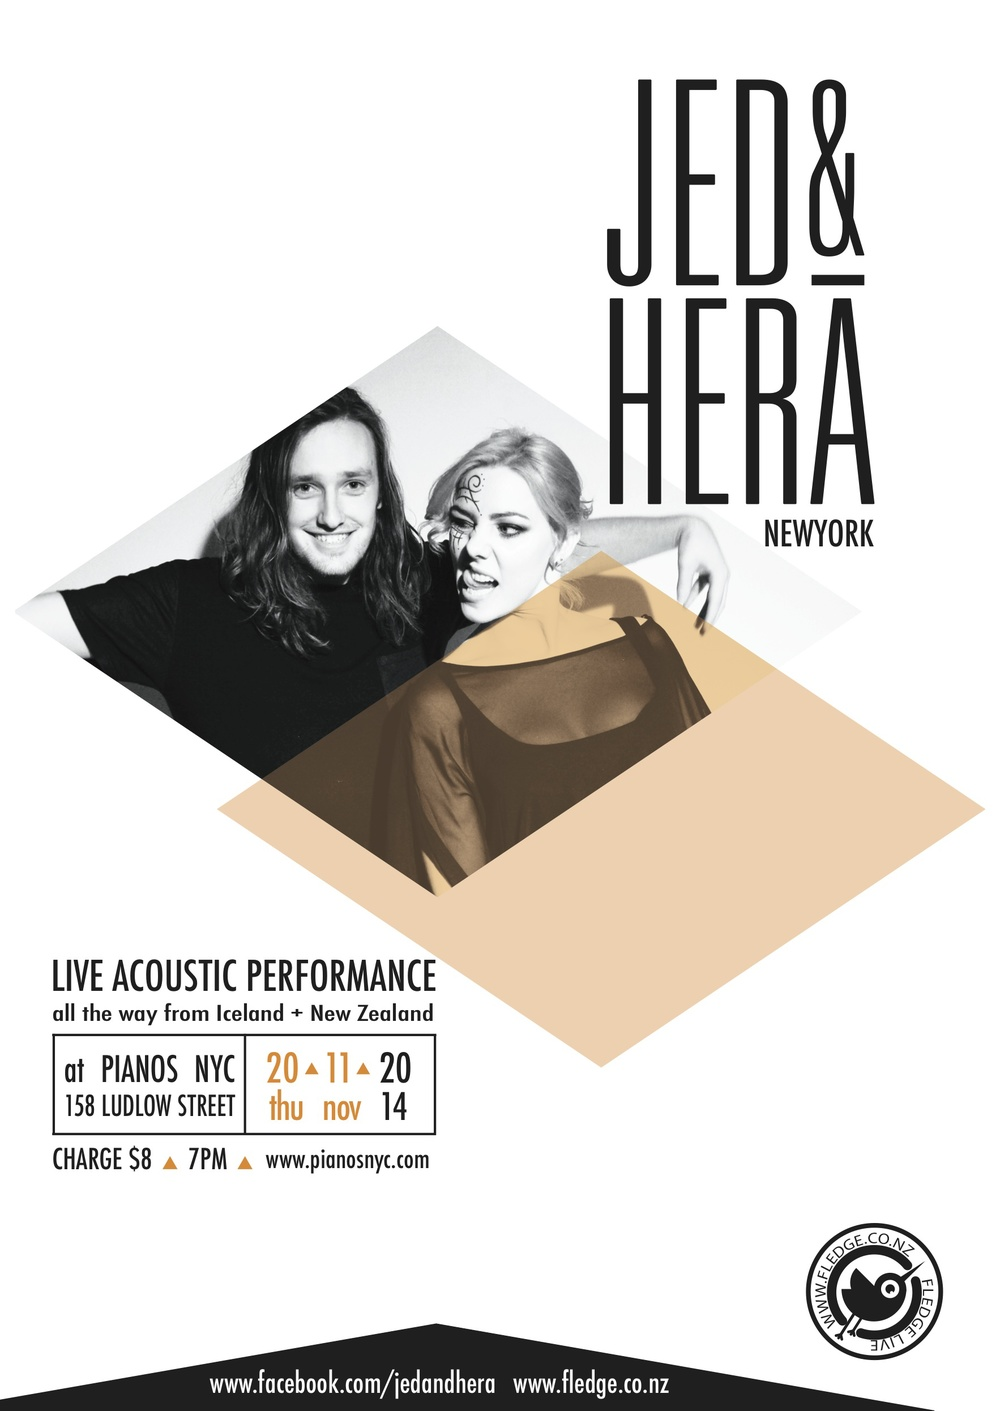 Hera.1.1.jpg